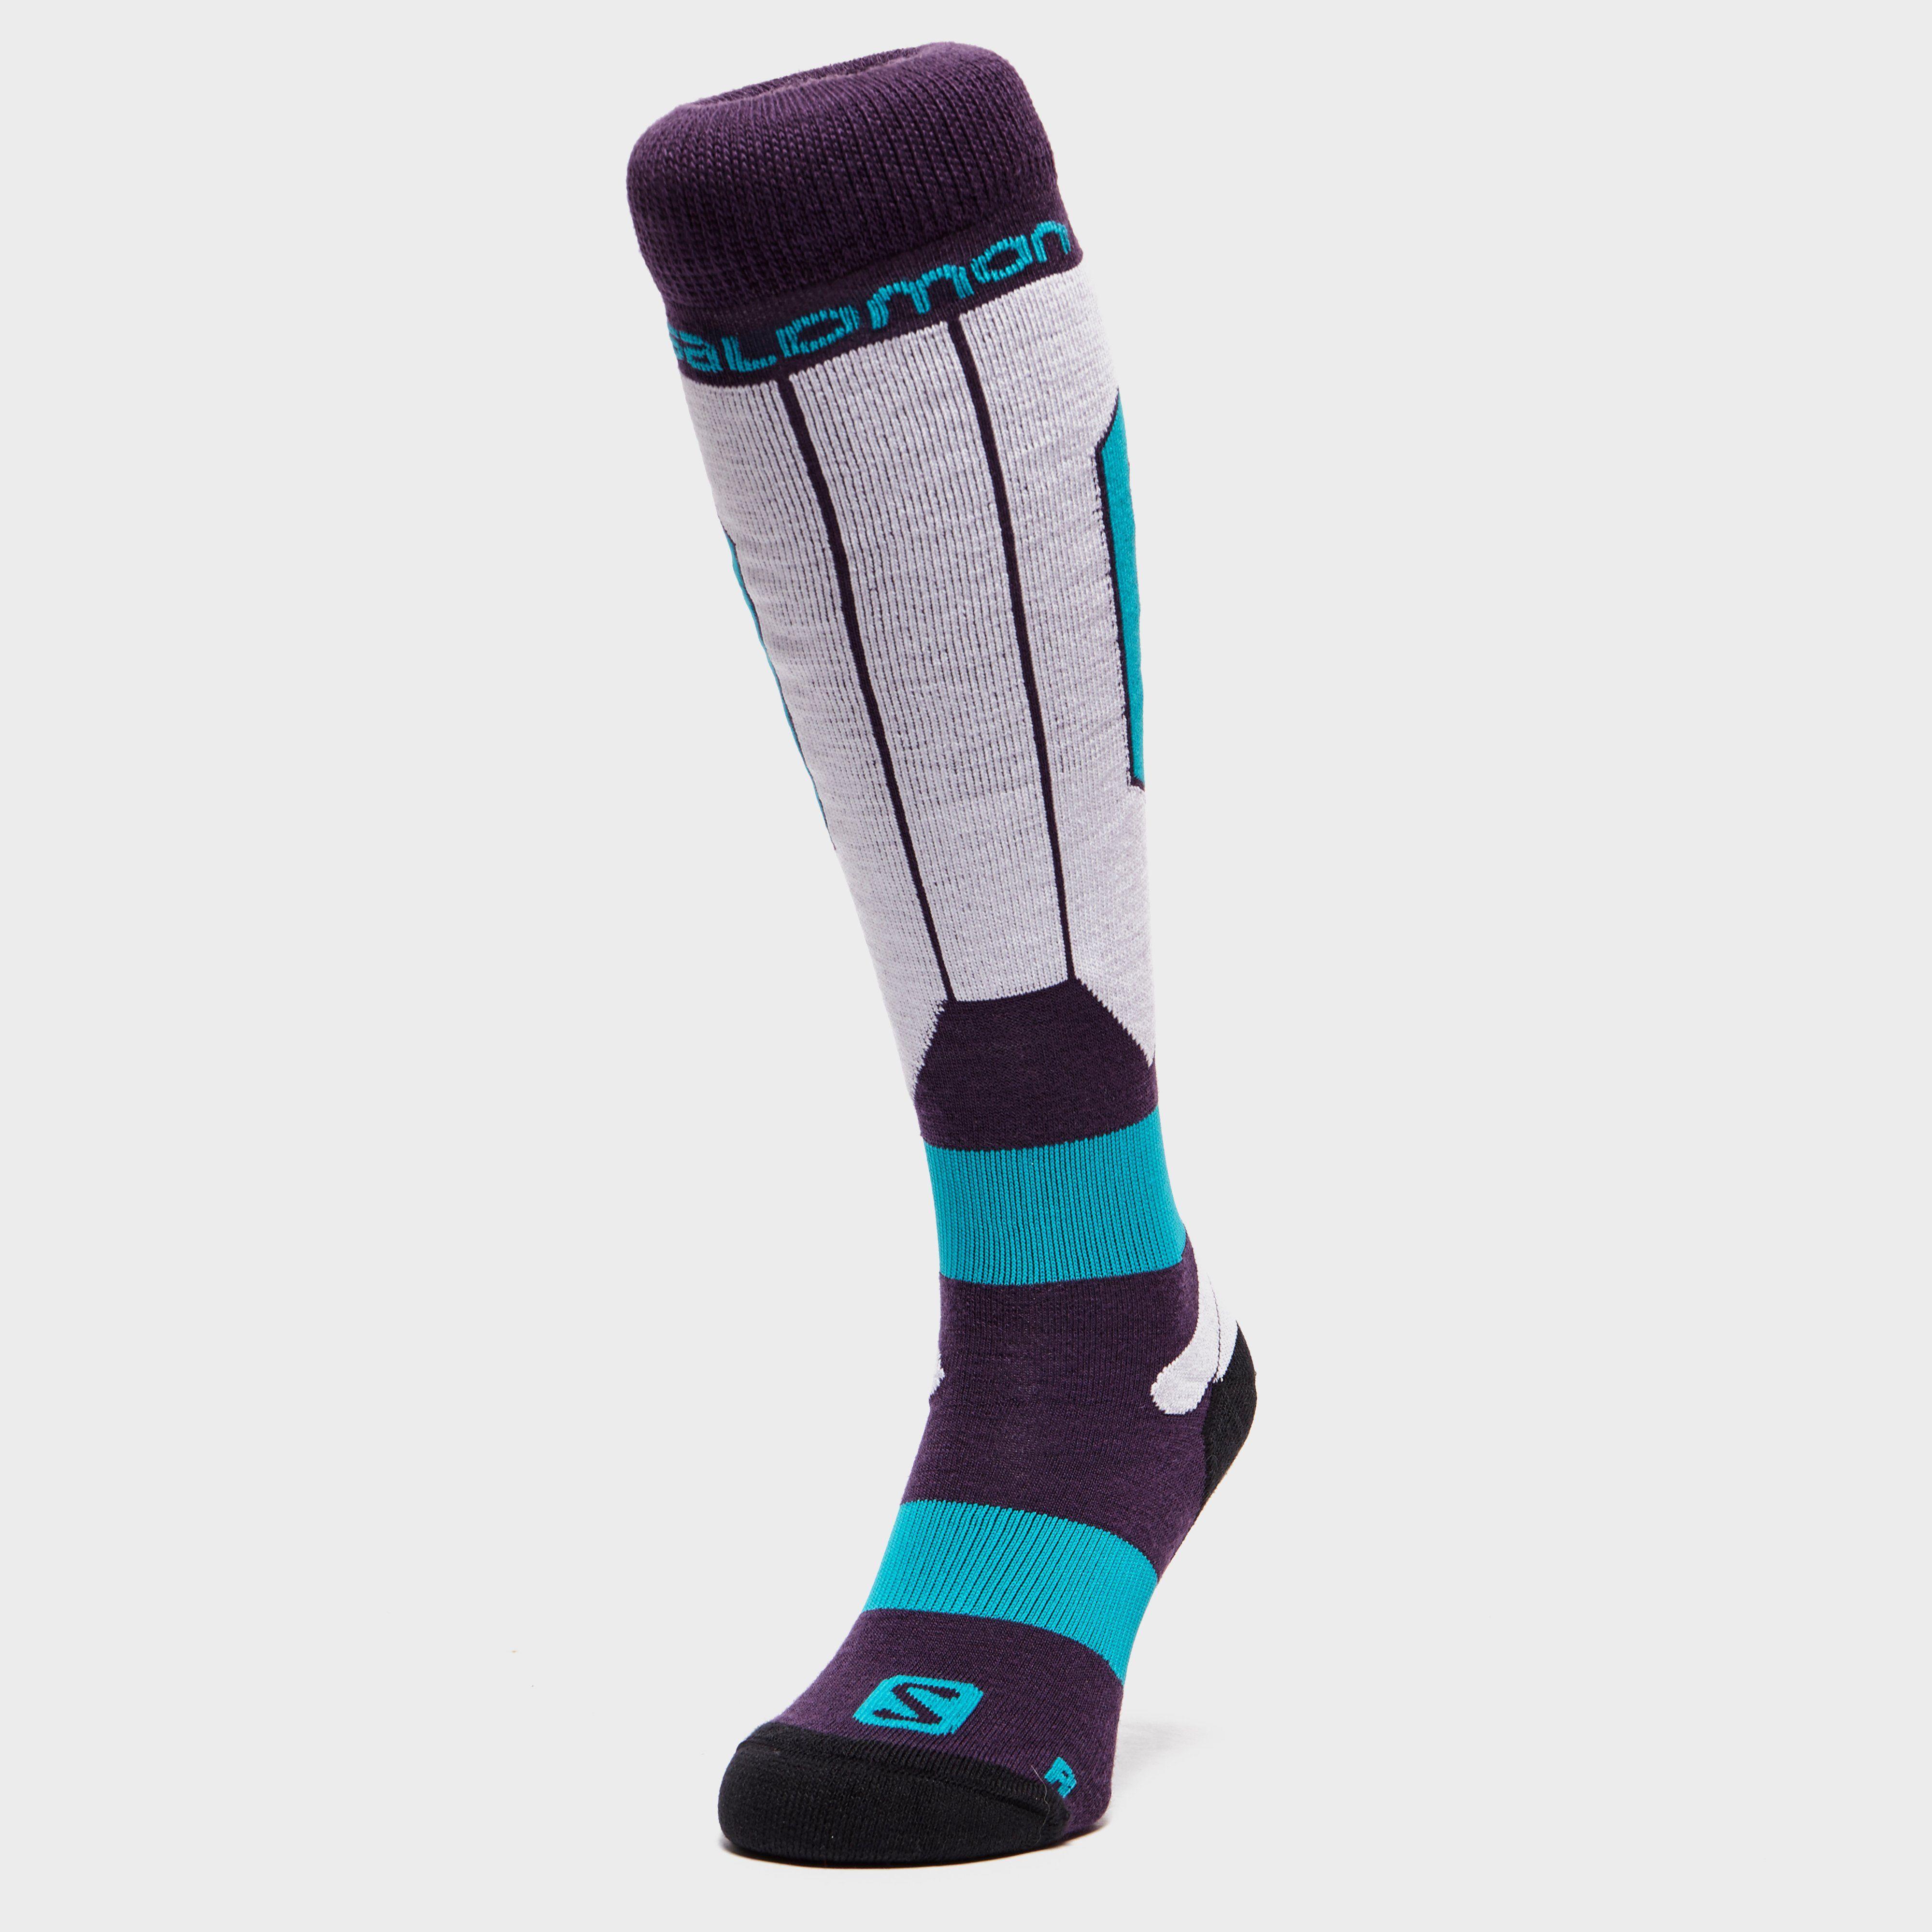 SALOMON SOCKS Men's Brilliant Alpine Sock